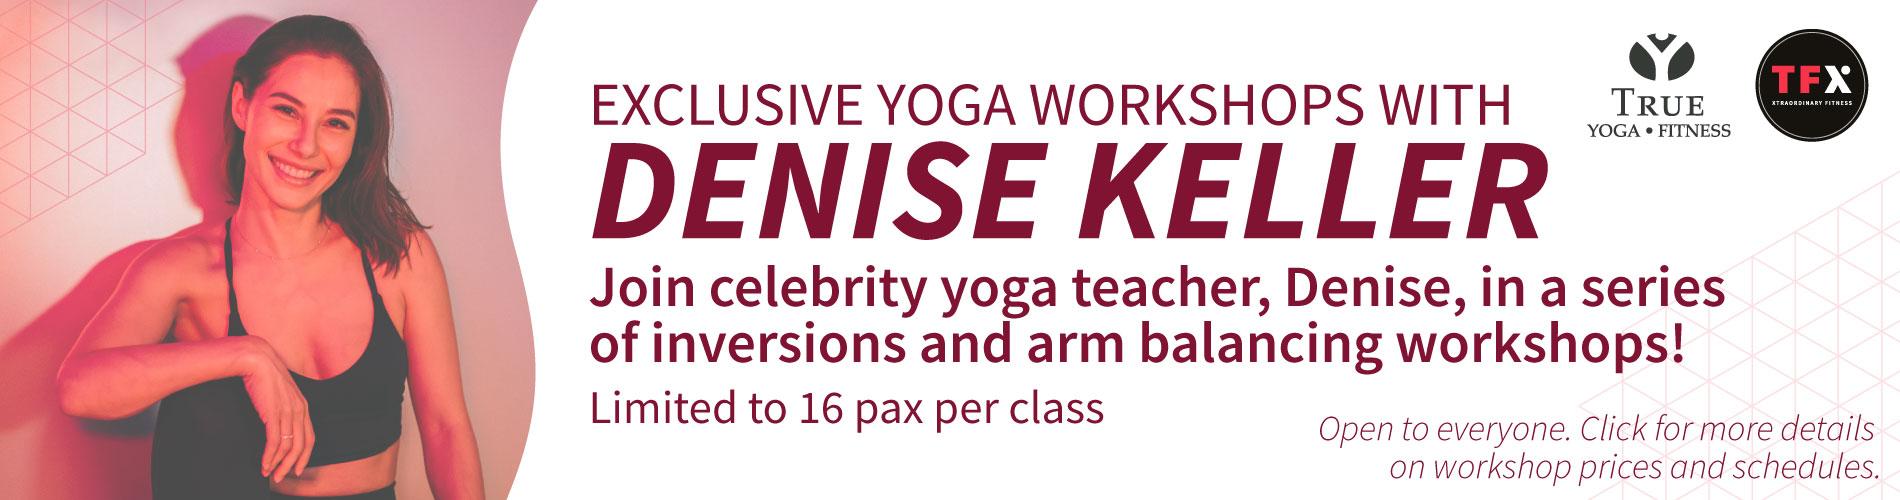 Denise Keller Workshops